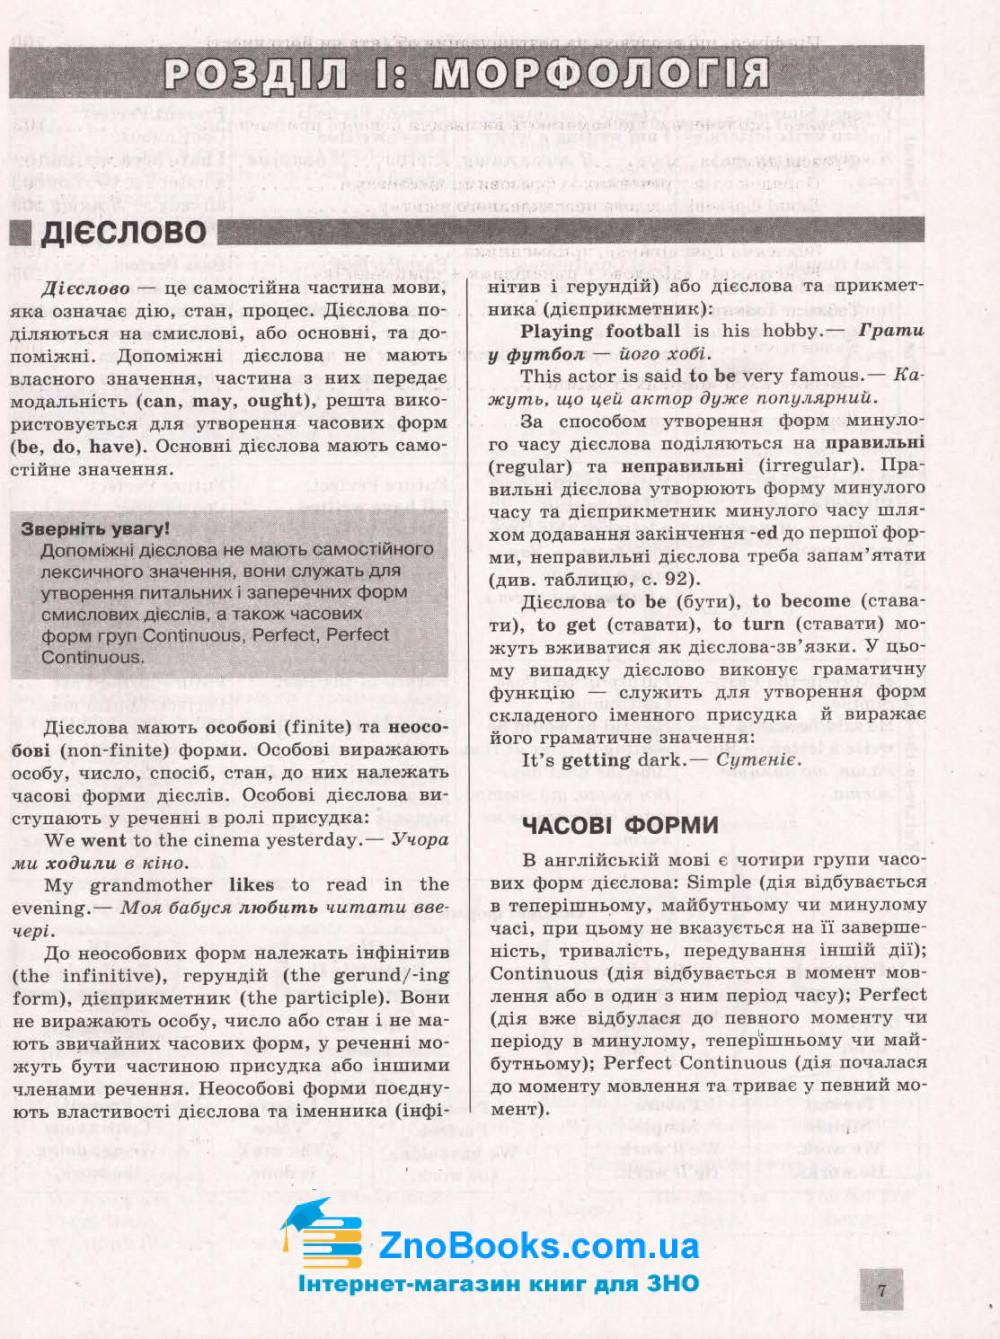 Англійська мова ЗНО 2022. Комплексне видання + типові тестові /КОМПЛЕКТ/ : Чернишова Ю., Мясоєдова С. Літера 3